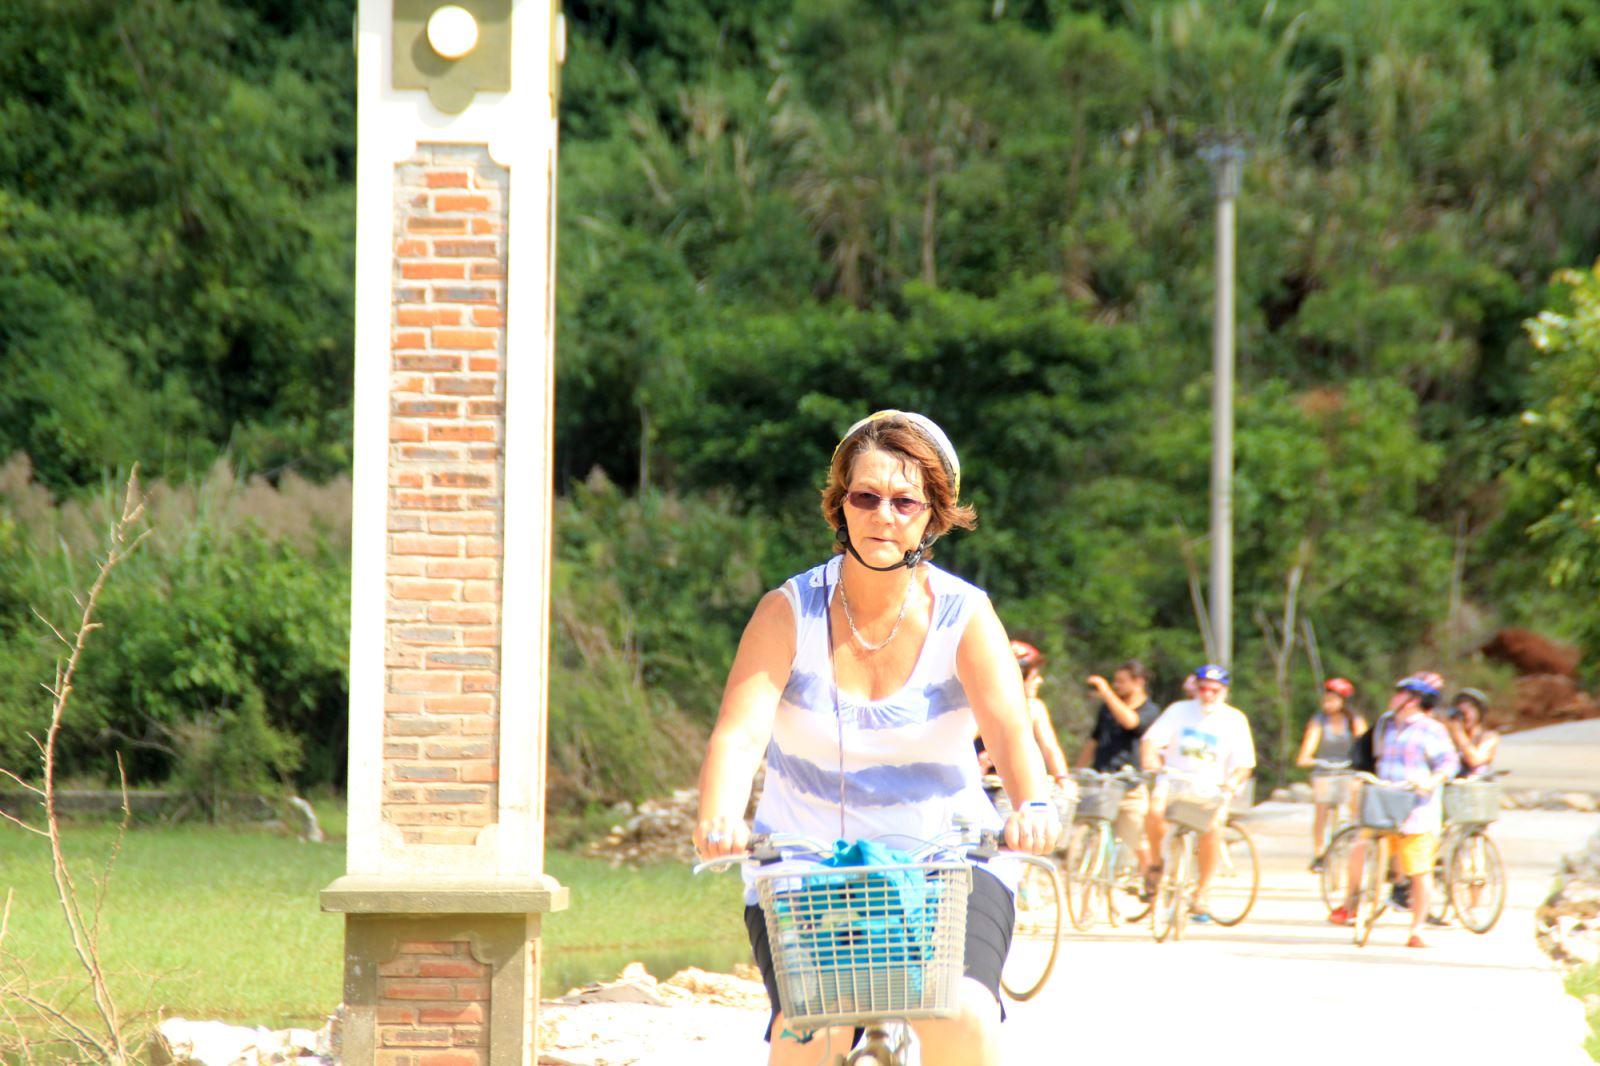 Viet hai villages biking trip